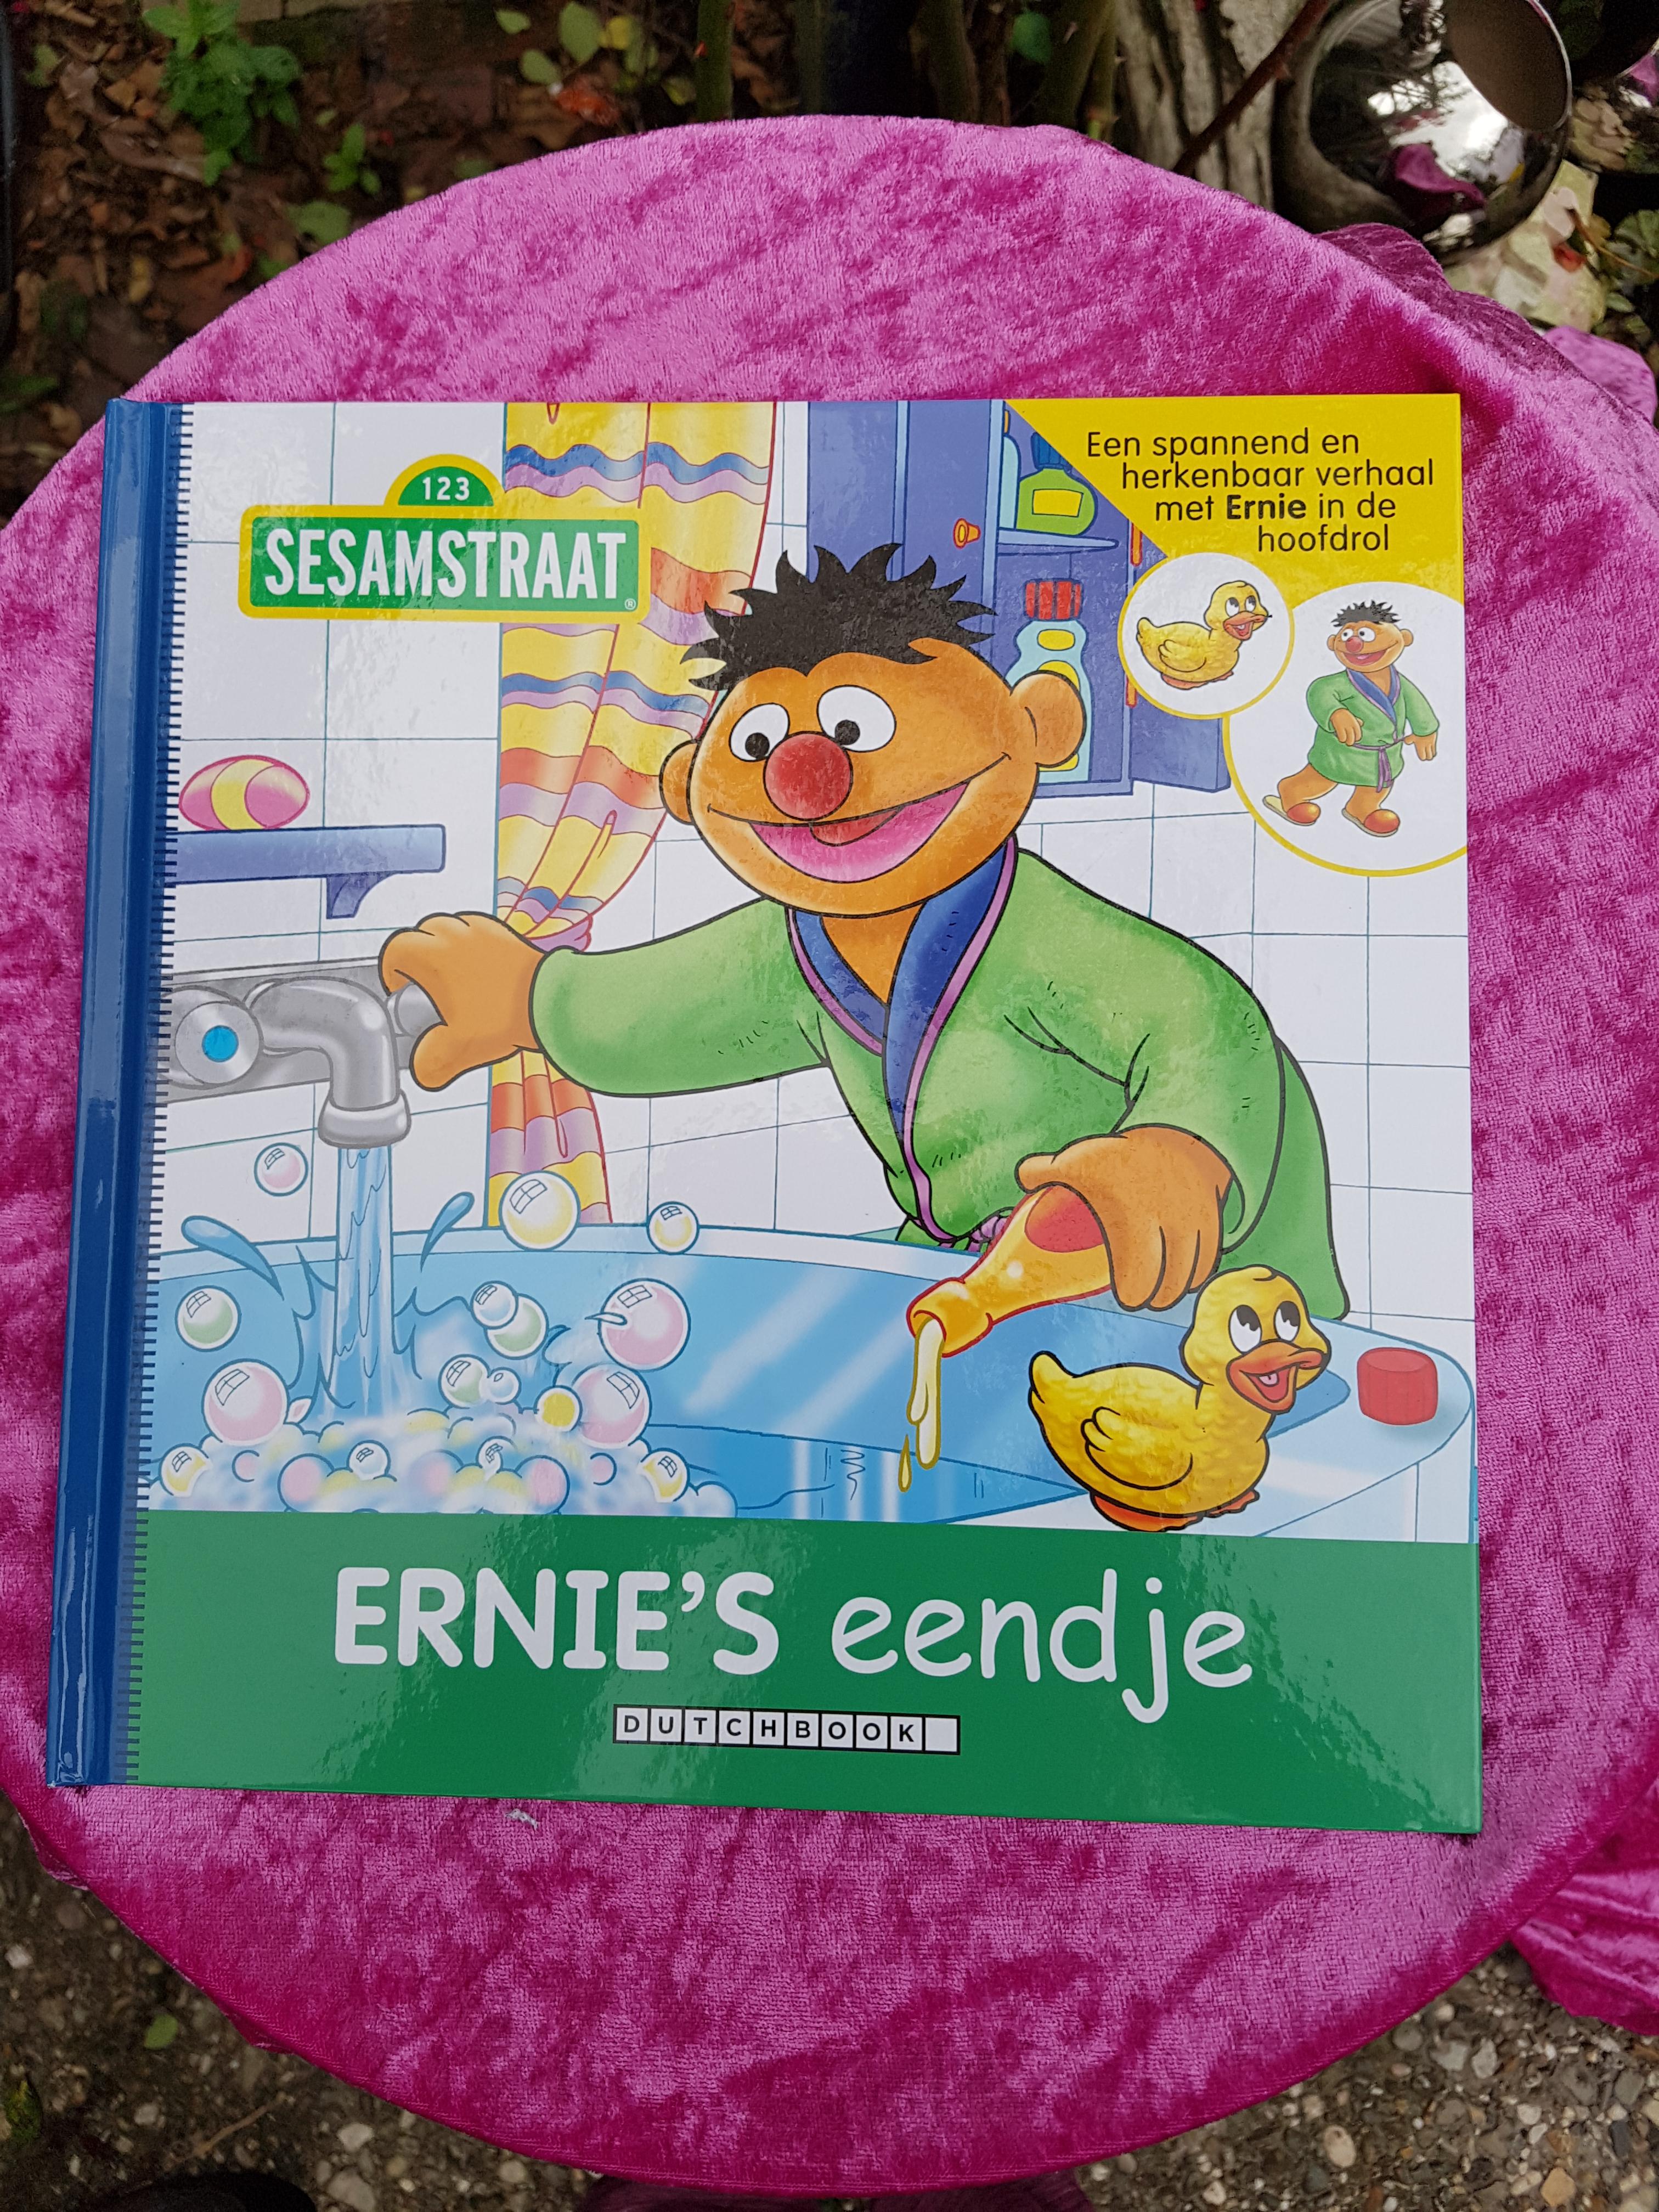 bc3448eecb2 Sesamstraat Boek Ernie en zijn eendje | JouwVeilingen.nl webshop